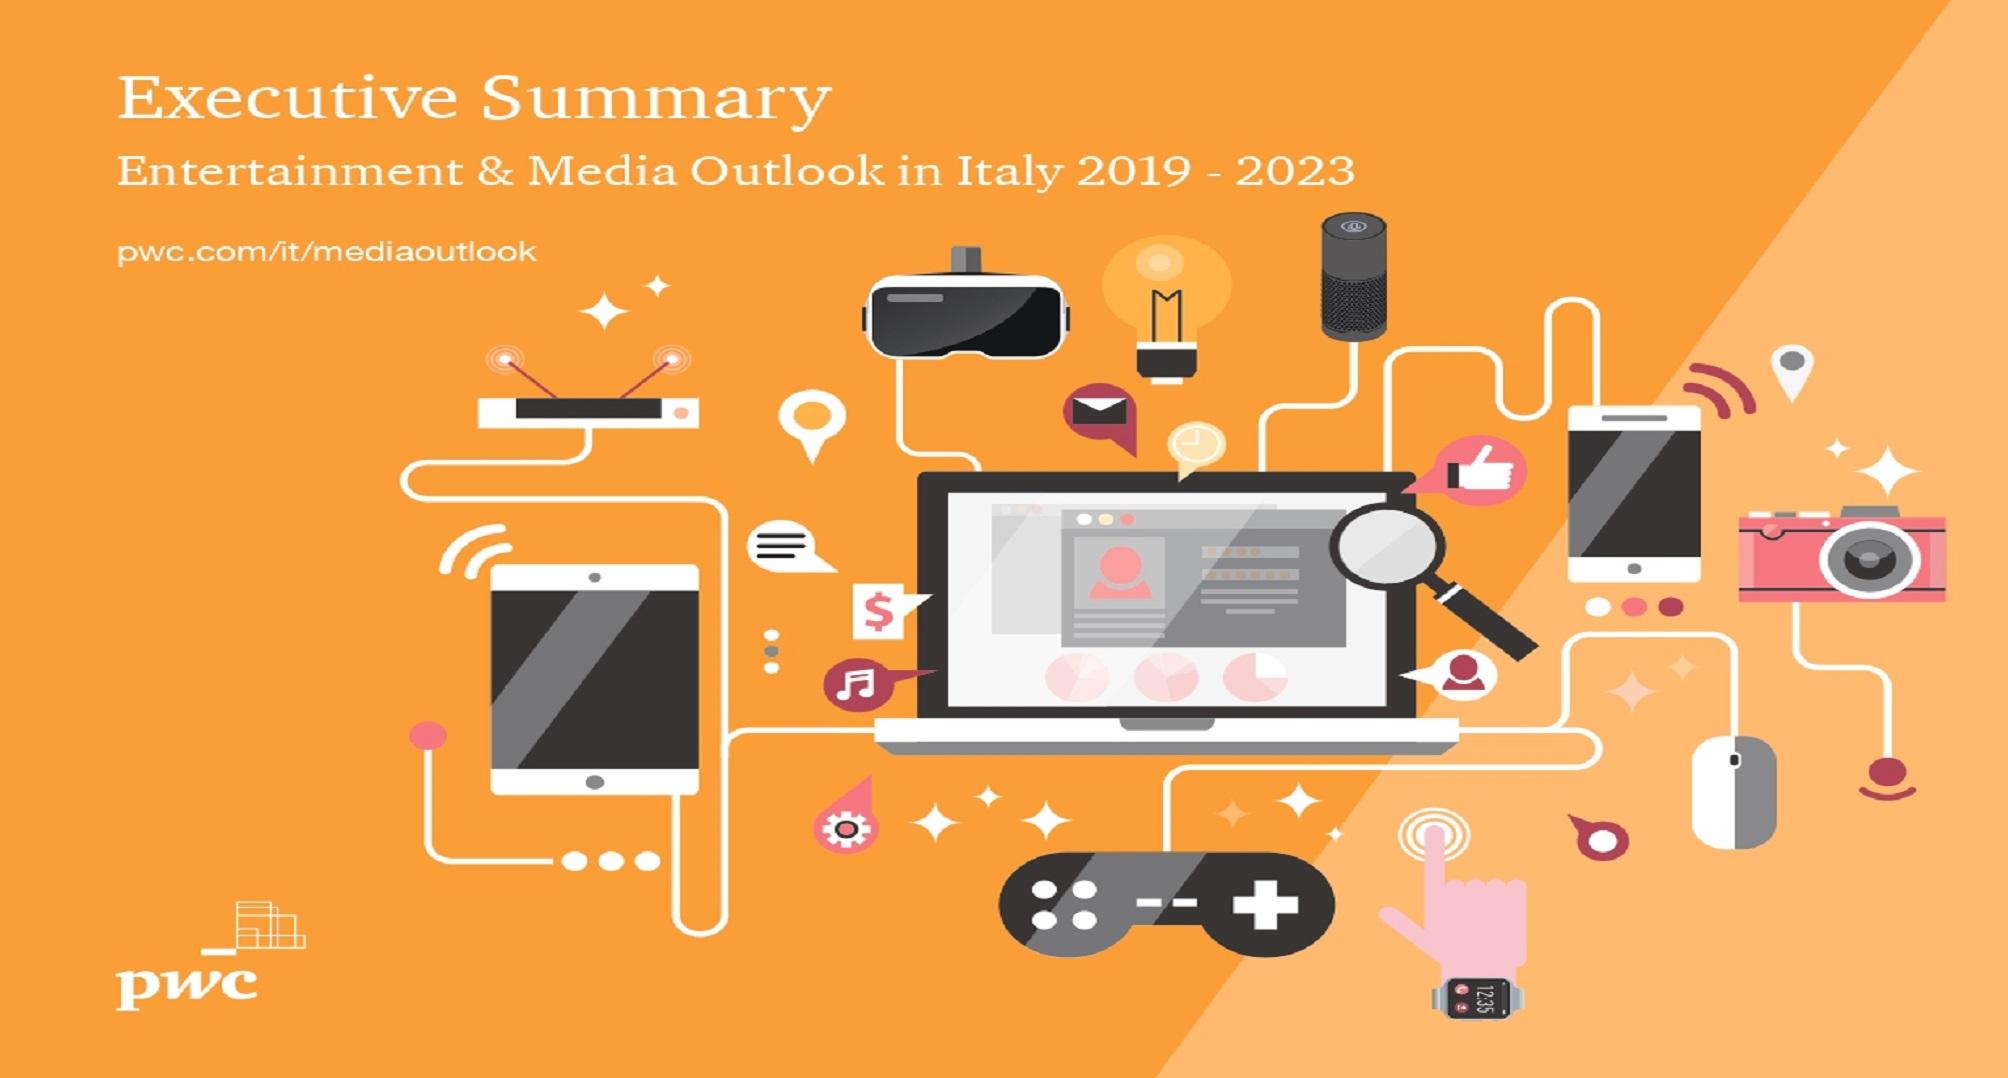 Mercati in rialzo: le previsioni PwC 2023 per i media web